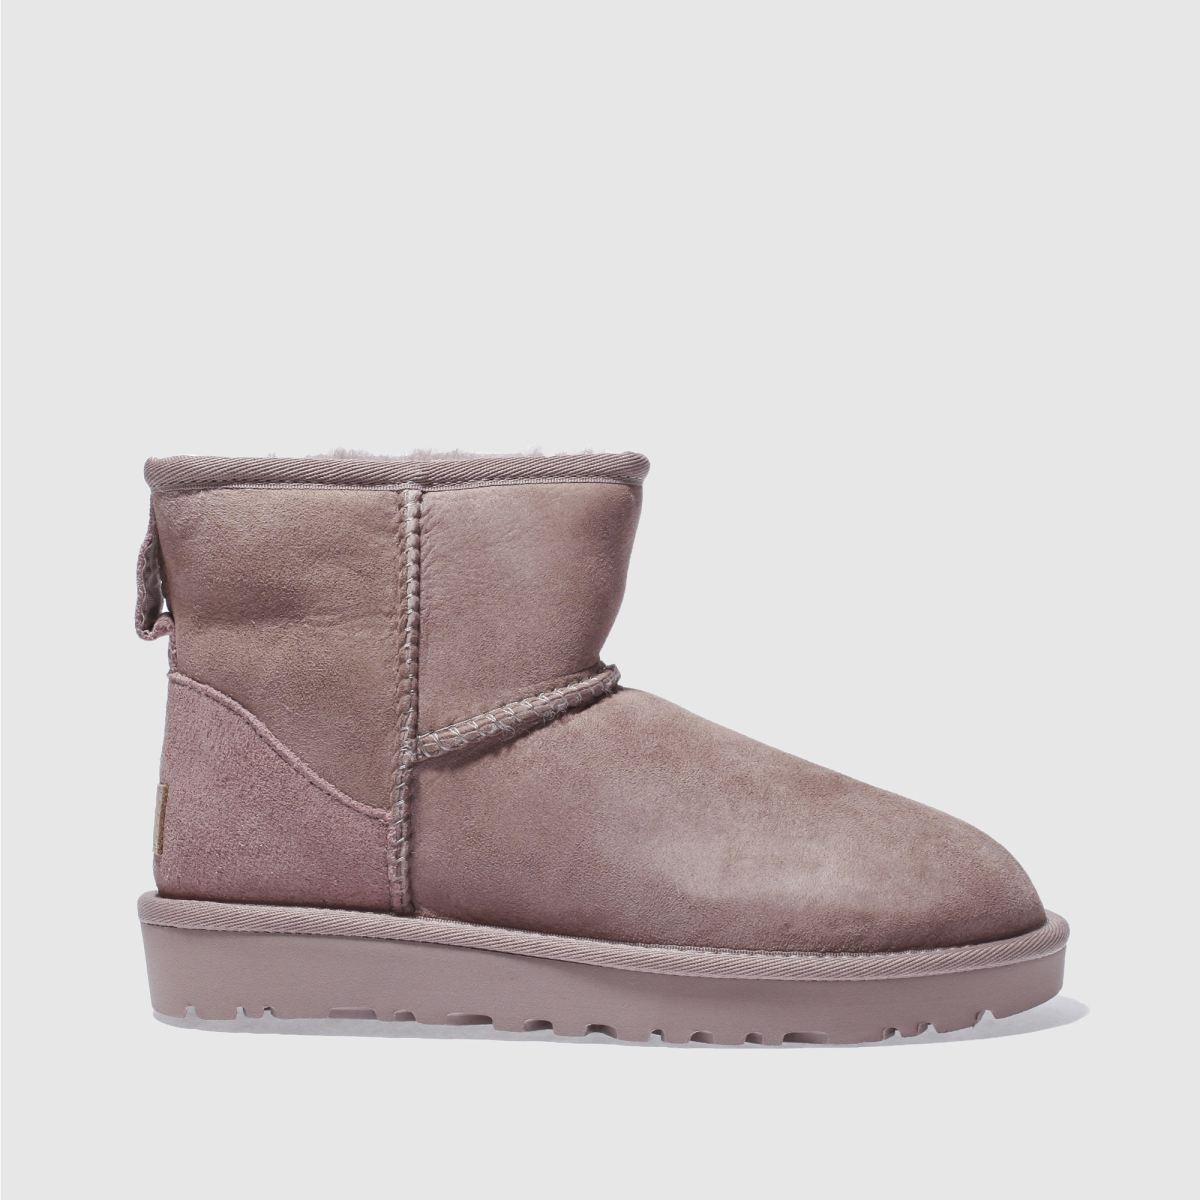 Ugg Mauve Pink Classic Mini Ii Boots